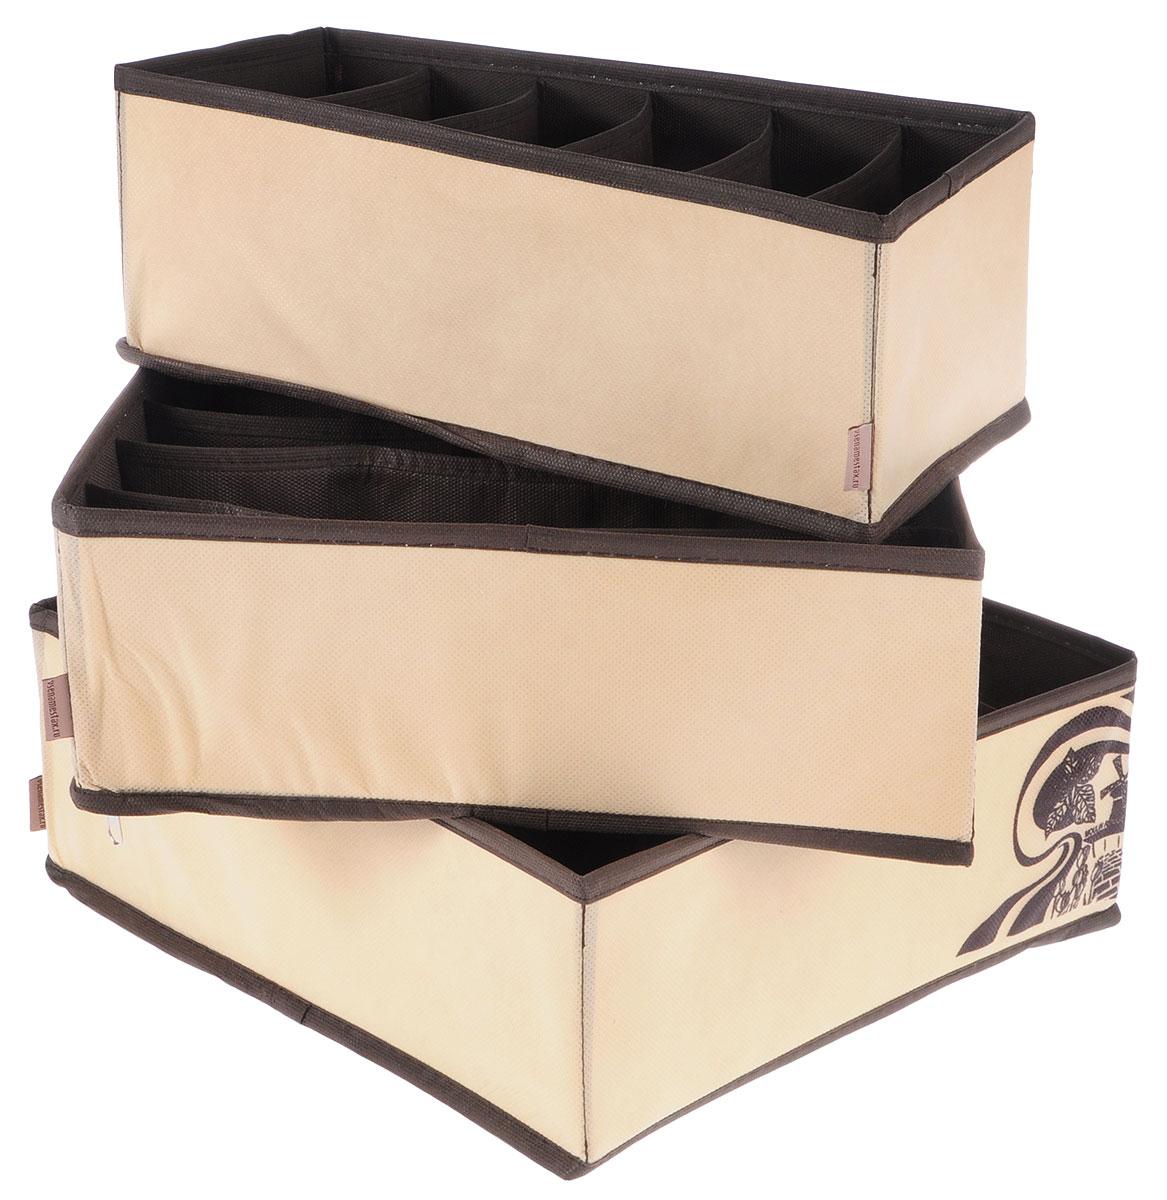 Набор органайзеров для белья Все на местах Шоколадный Париж, цвет: коричневый, бежевый, 3 предмета1001001Набор состоит из трех органайзеров для хранения косметики и аксессуаров, а также белья. Изделия выполнены из высококачественного нетканого материала (спанбонда), который обеспечивает естественную вентиляцию, позволяя воздуху проникать внутрь, но не пропускает пыль. Вставки из ПВХ хорошо держат форму. Набор органайзеров для косметики и аксессуаров поможет привести элементы женского туалета или белья в порядок. Оригинальный дизайн придется по вкусу ценительницам эстетичного хранения. Размер органайзеров: 32 см х 32 см х 11 см; 32 см х 32 см х 11 см, 32 см х 16 см х 11 см.